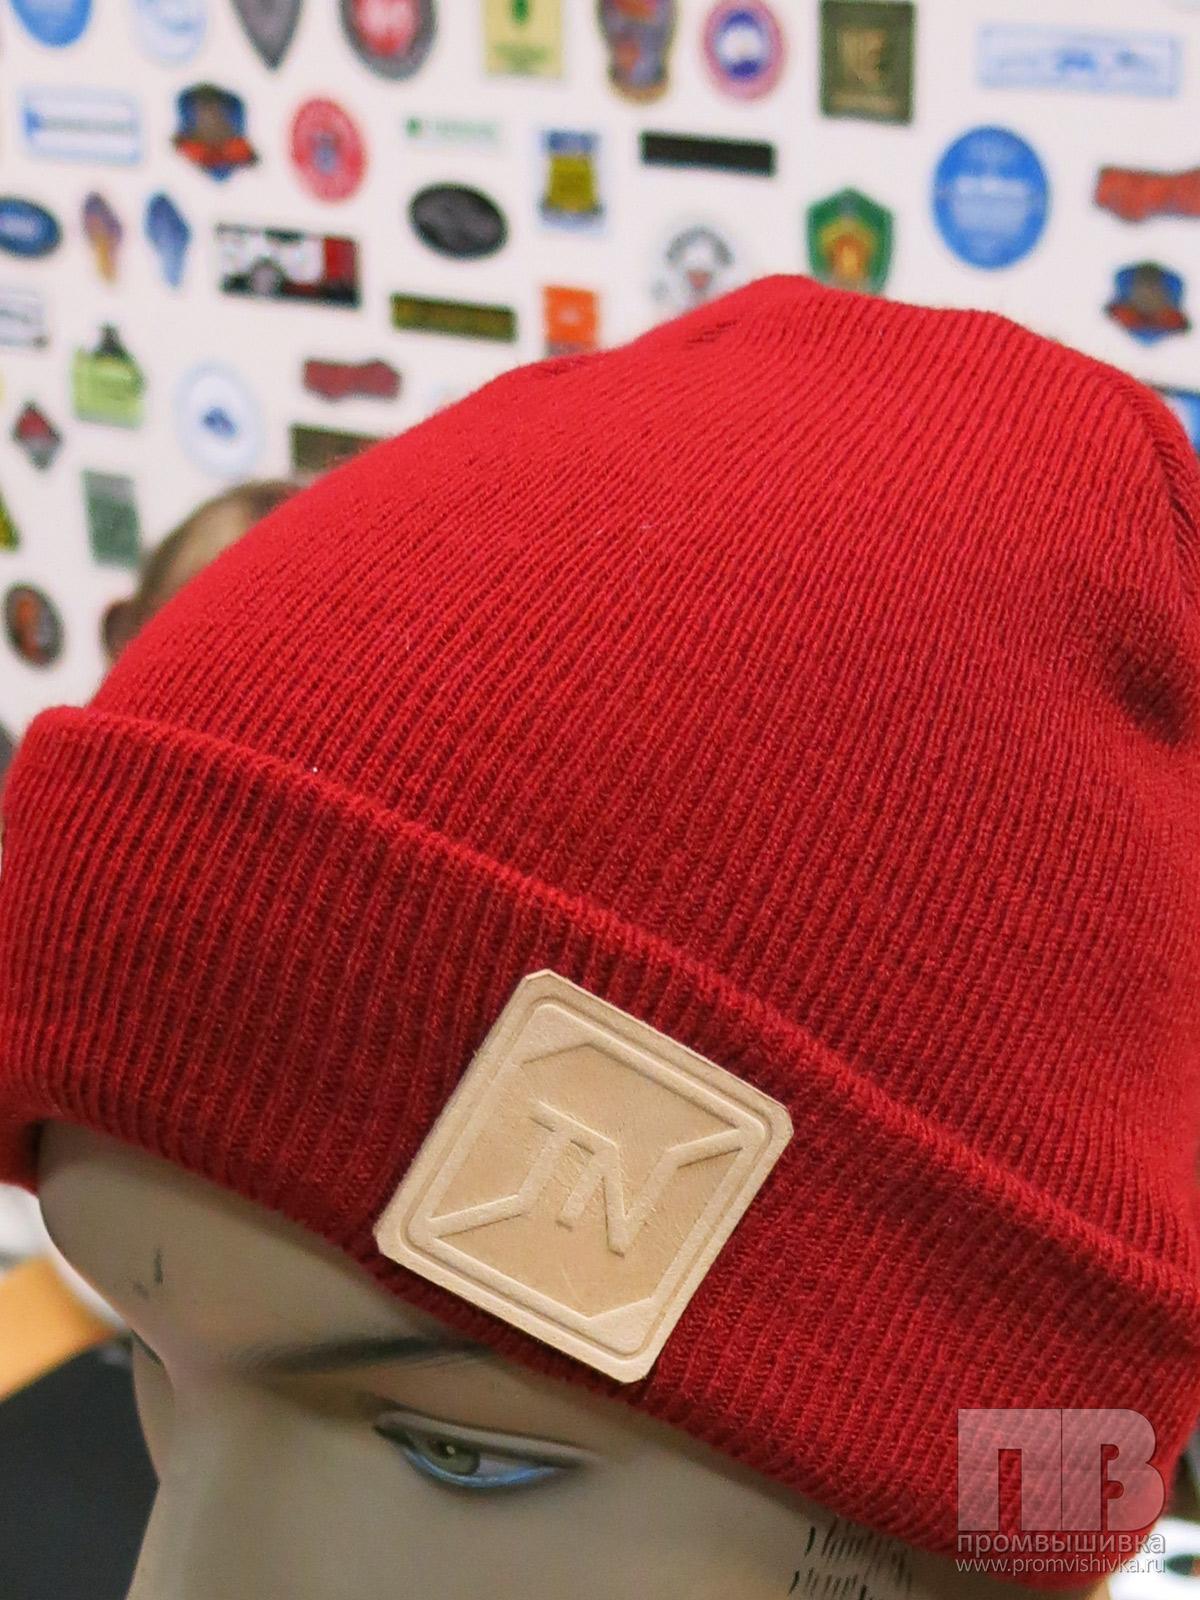 Как сделать логотип на шапке